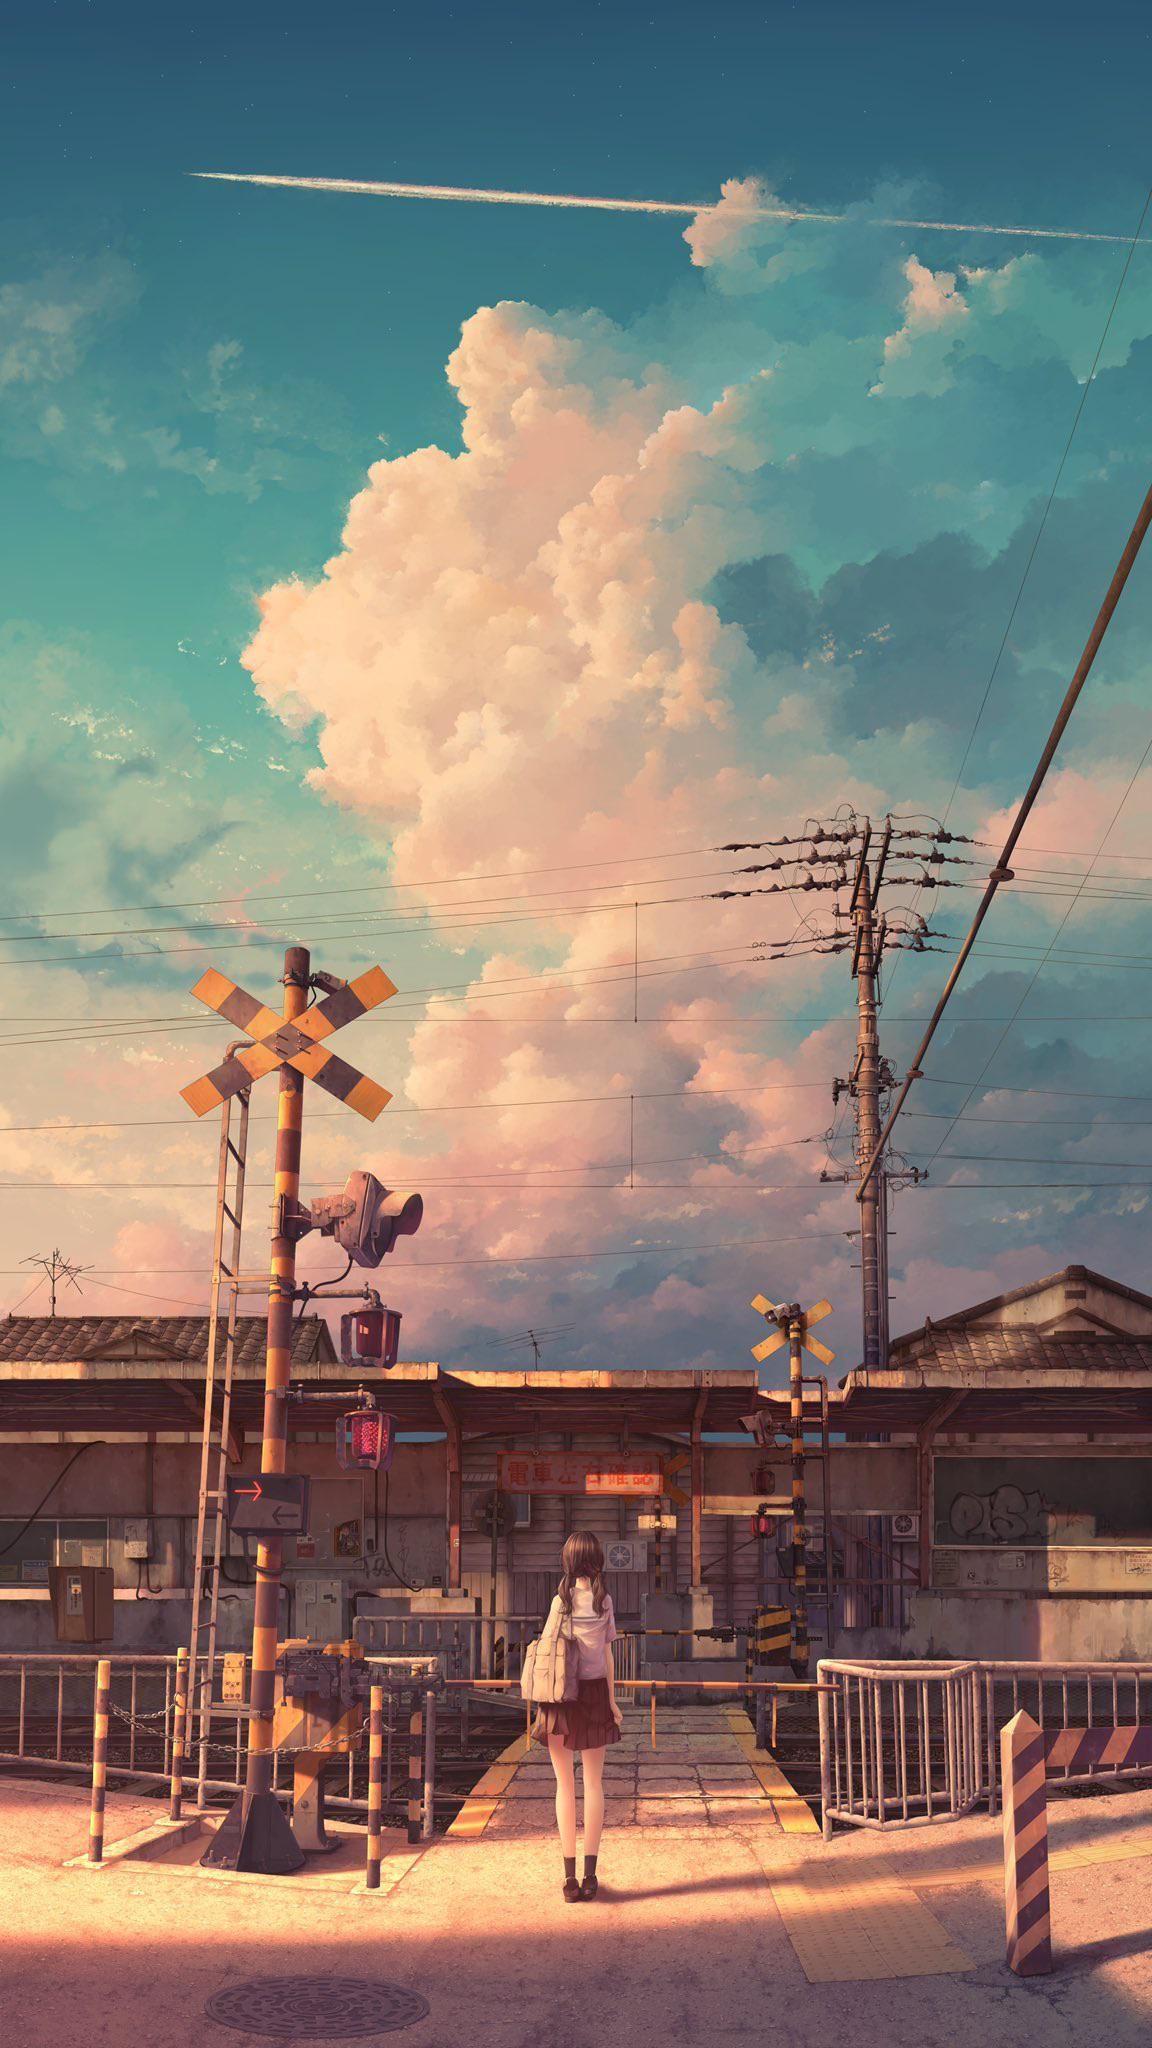 大きな雲と小さな踏切 winter_parasol Digital 2020. ART di 2020